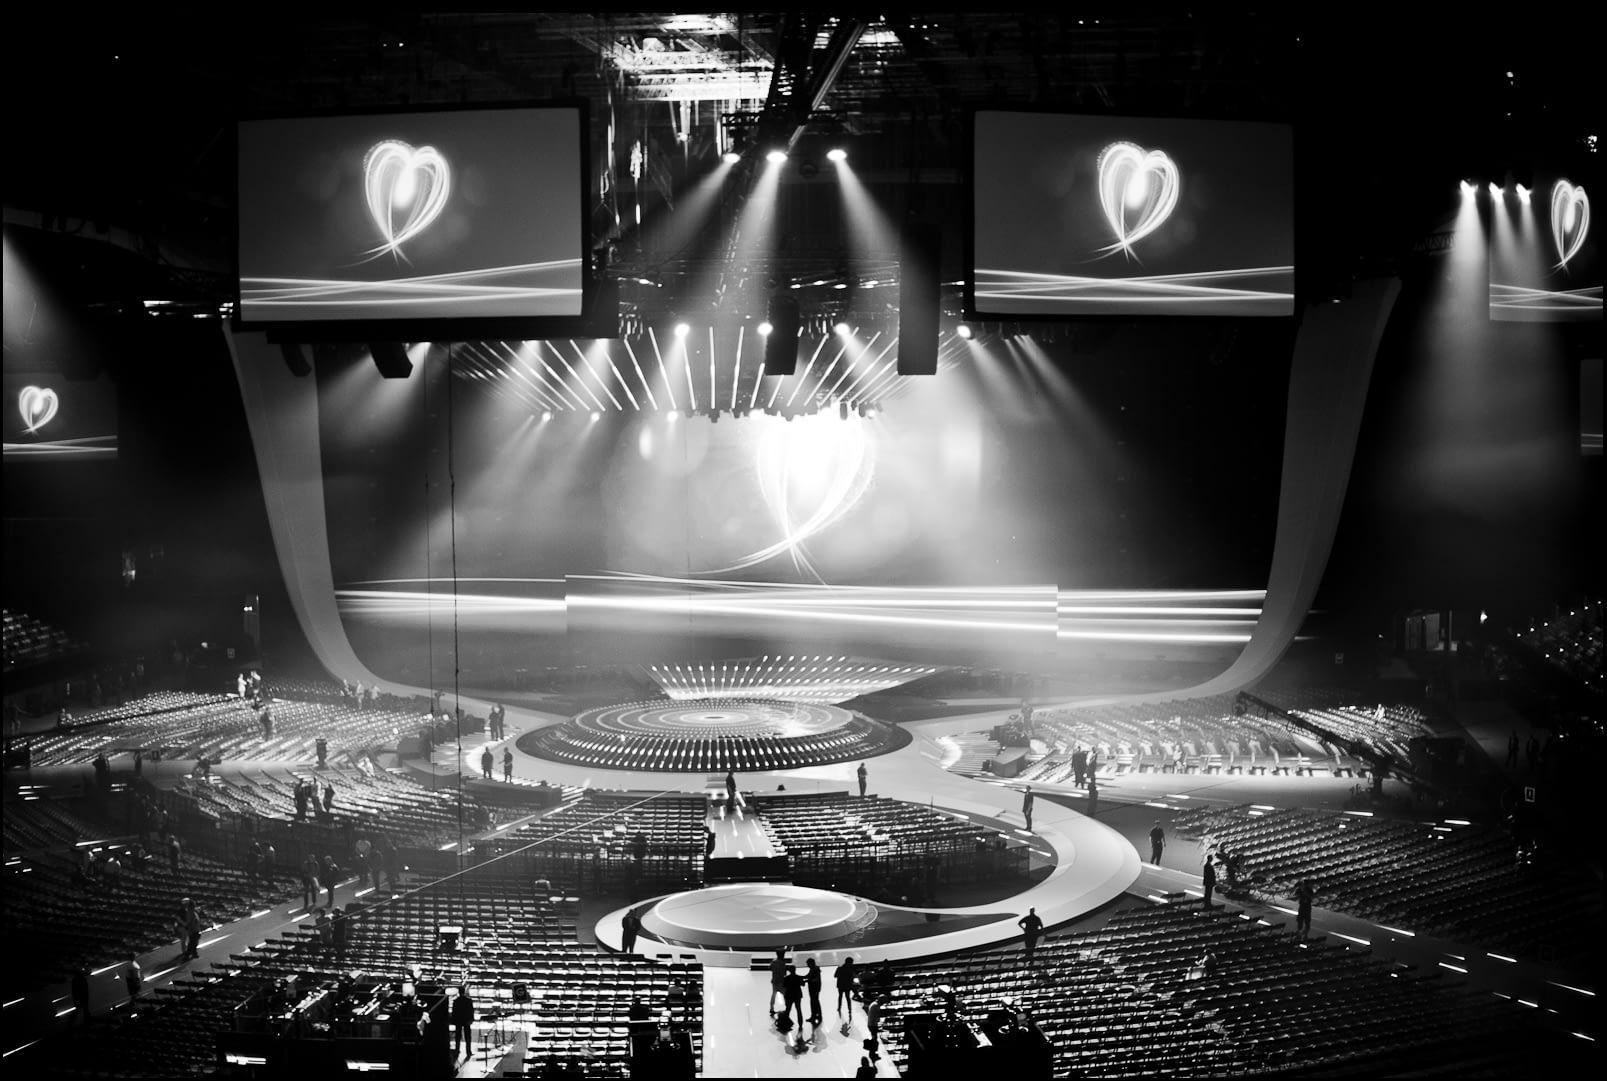 """Φάκελος eurovision: 12 πόντοι στον πιο """"διαφορετικό"""" ερμηνευτή"""